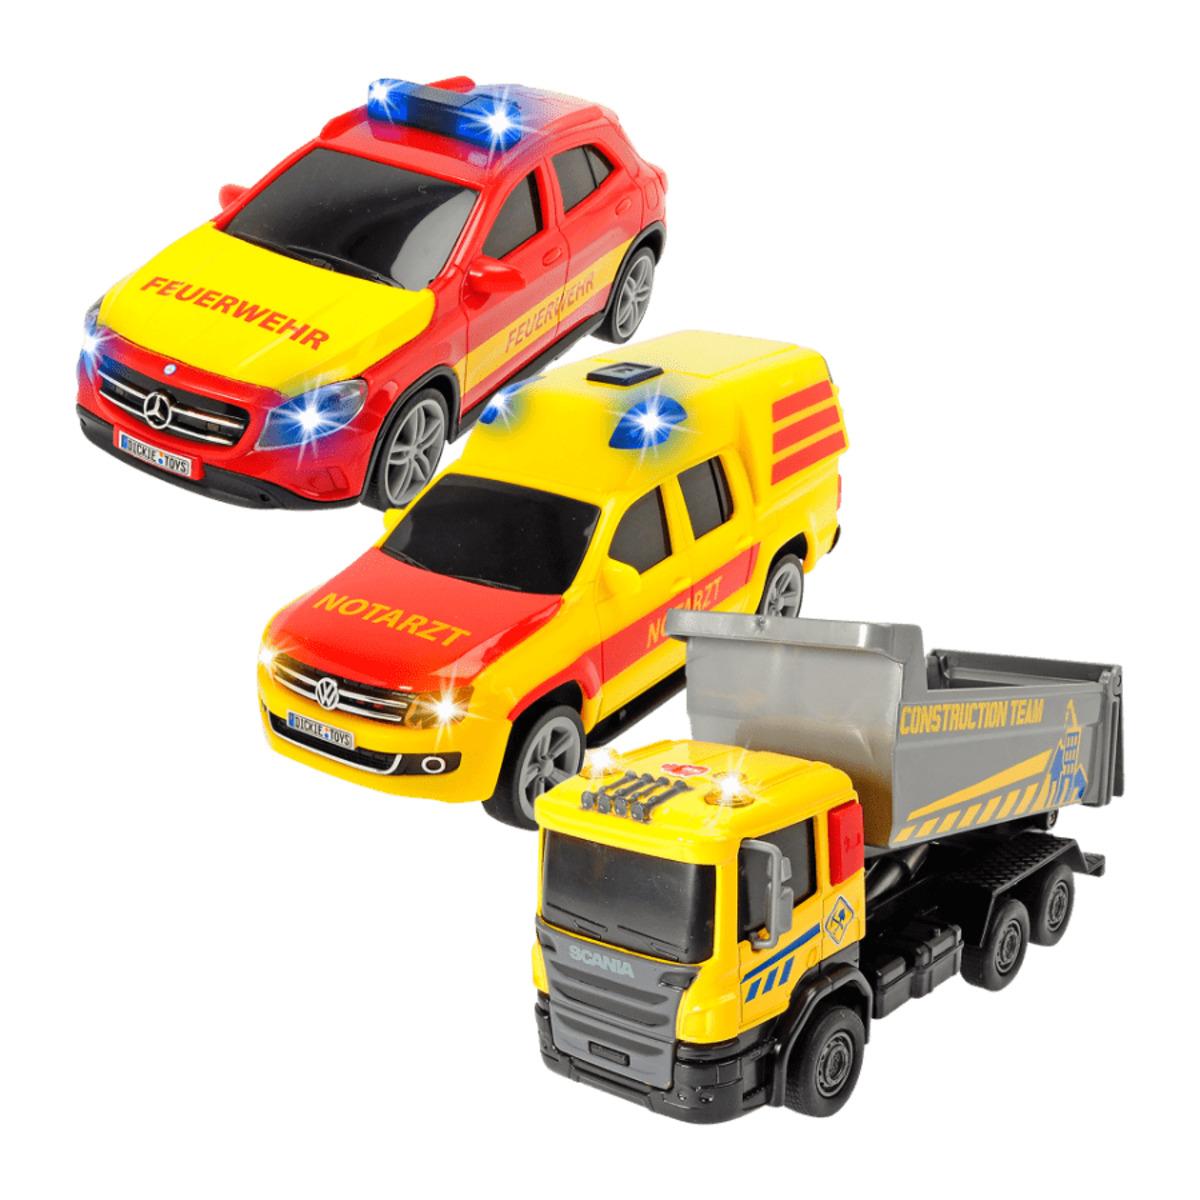 Bild 1 von Dickie Toys Fahrzeug